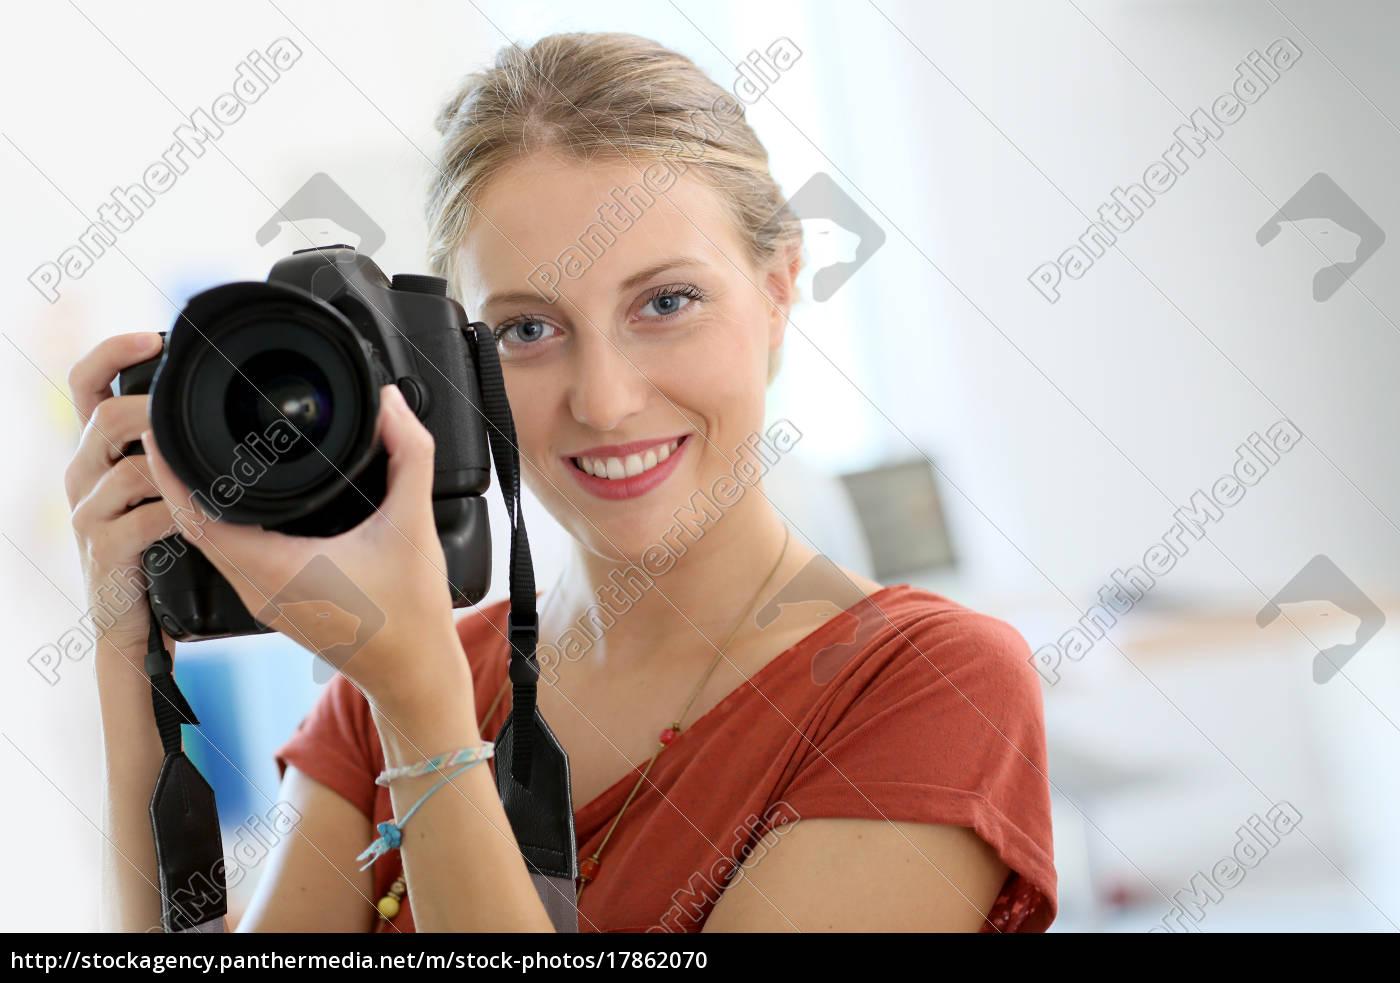 fröhliche, junge, frau, in, der, fototrainingsklasse - 17862070